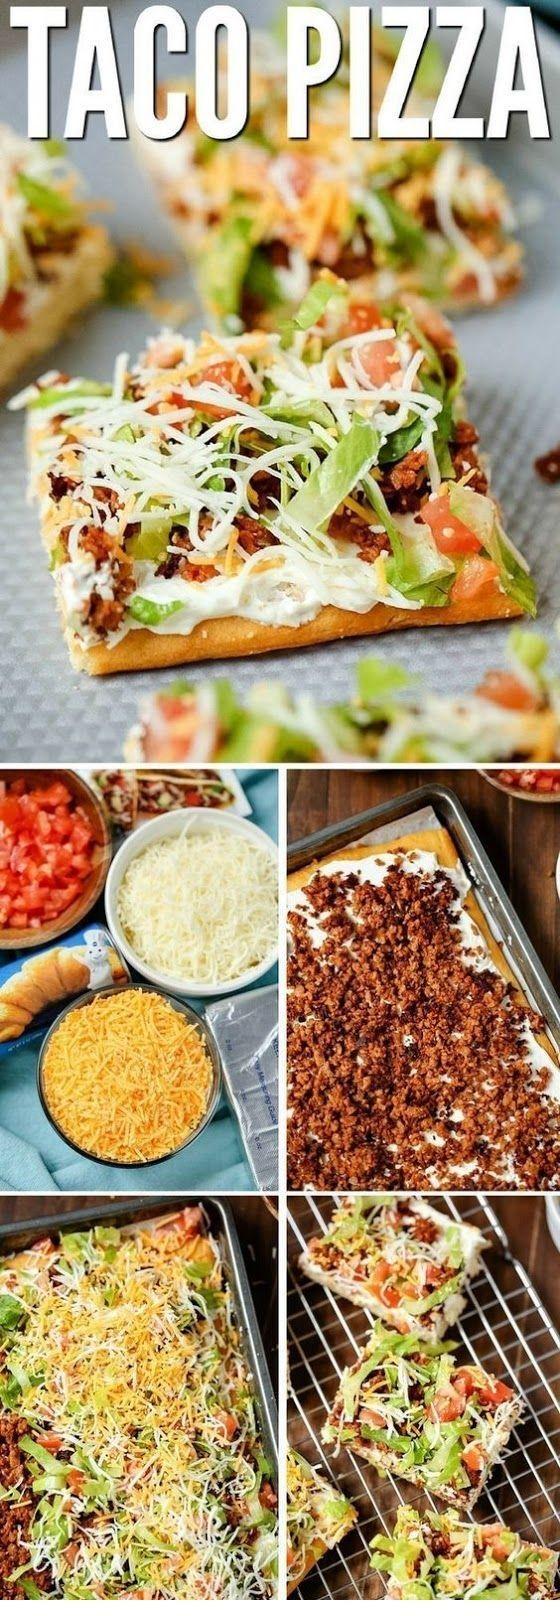 Photo of Taco Pizza